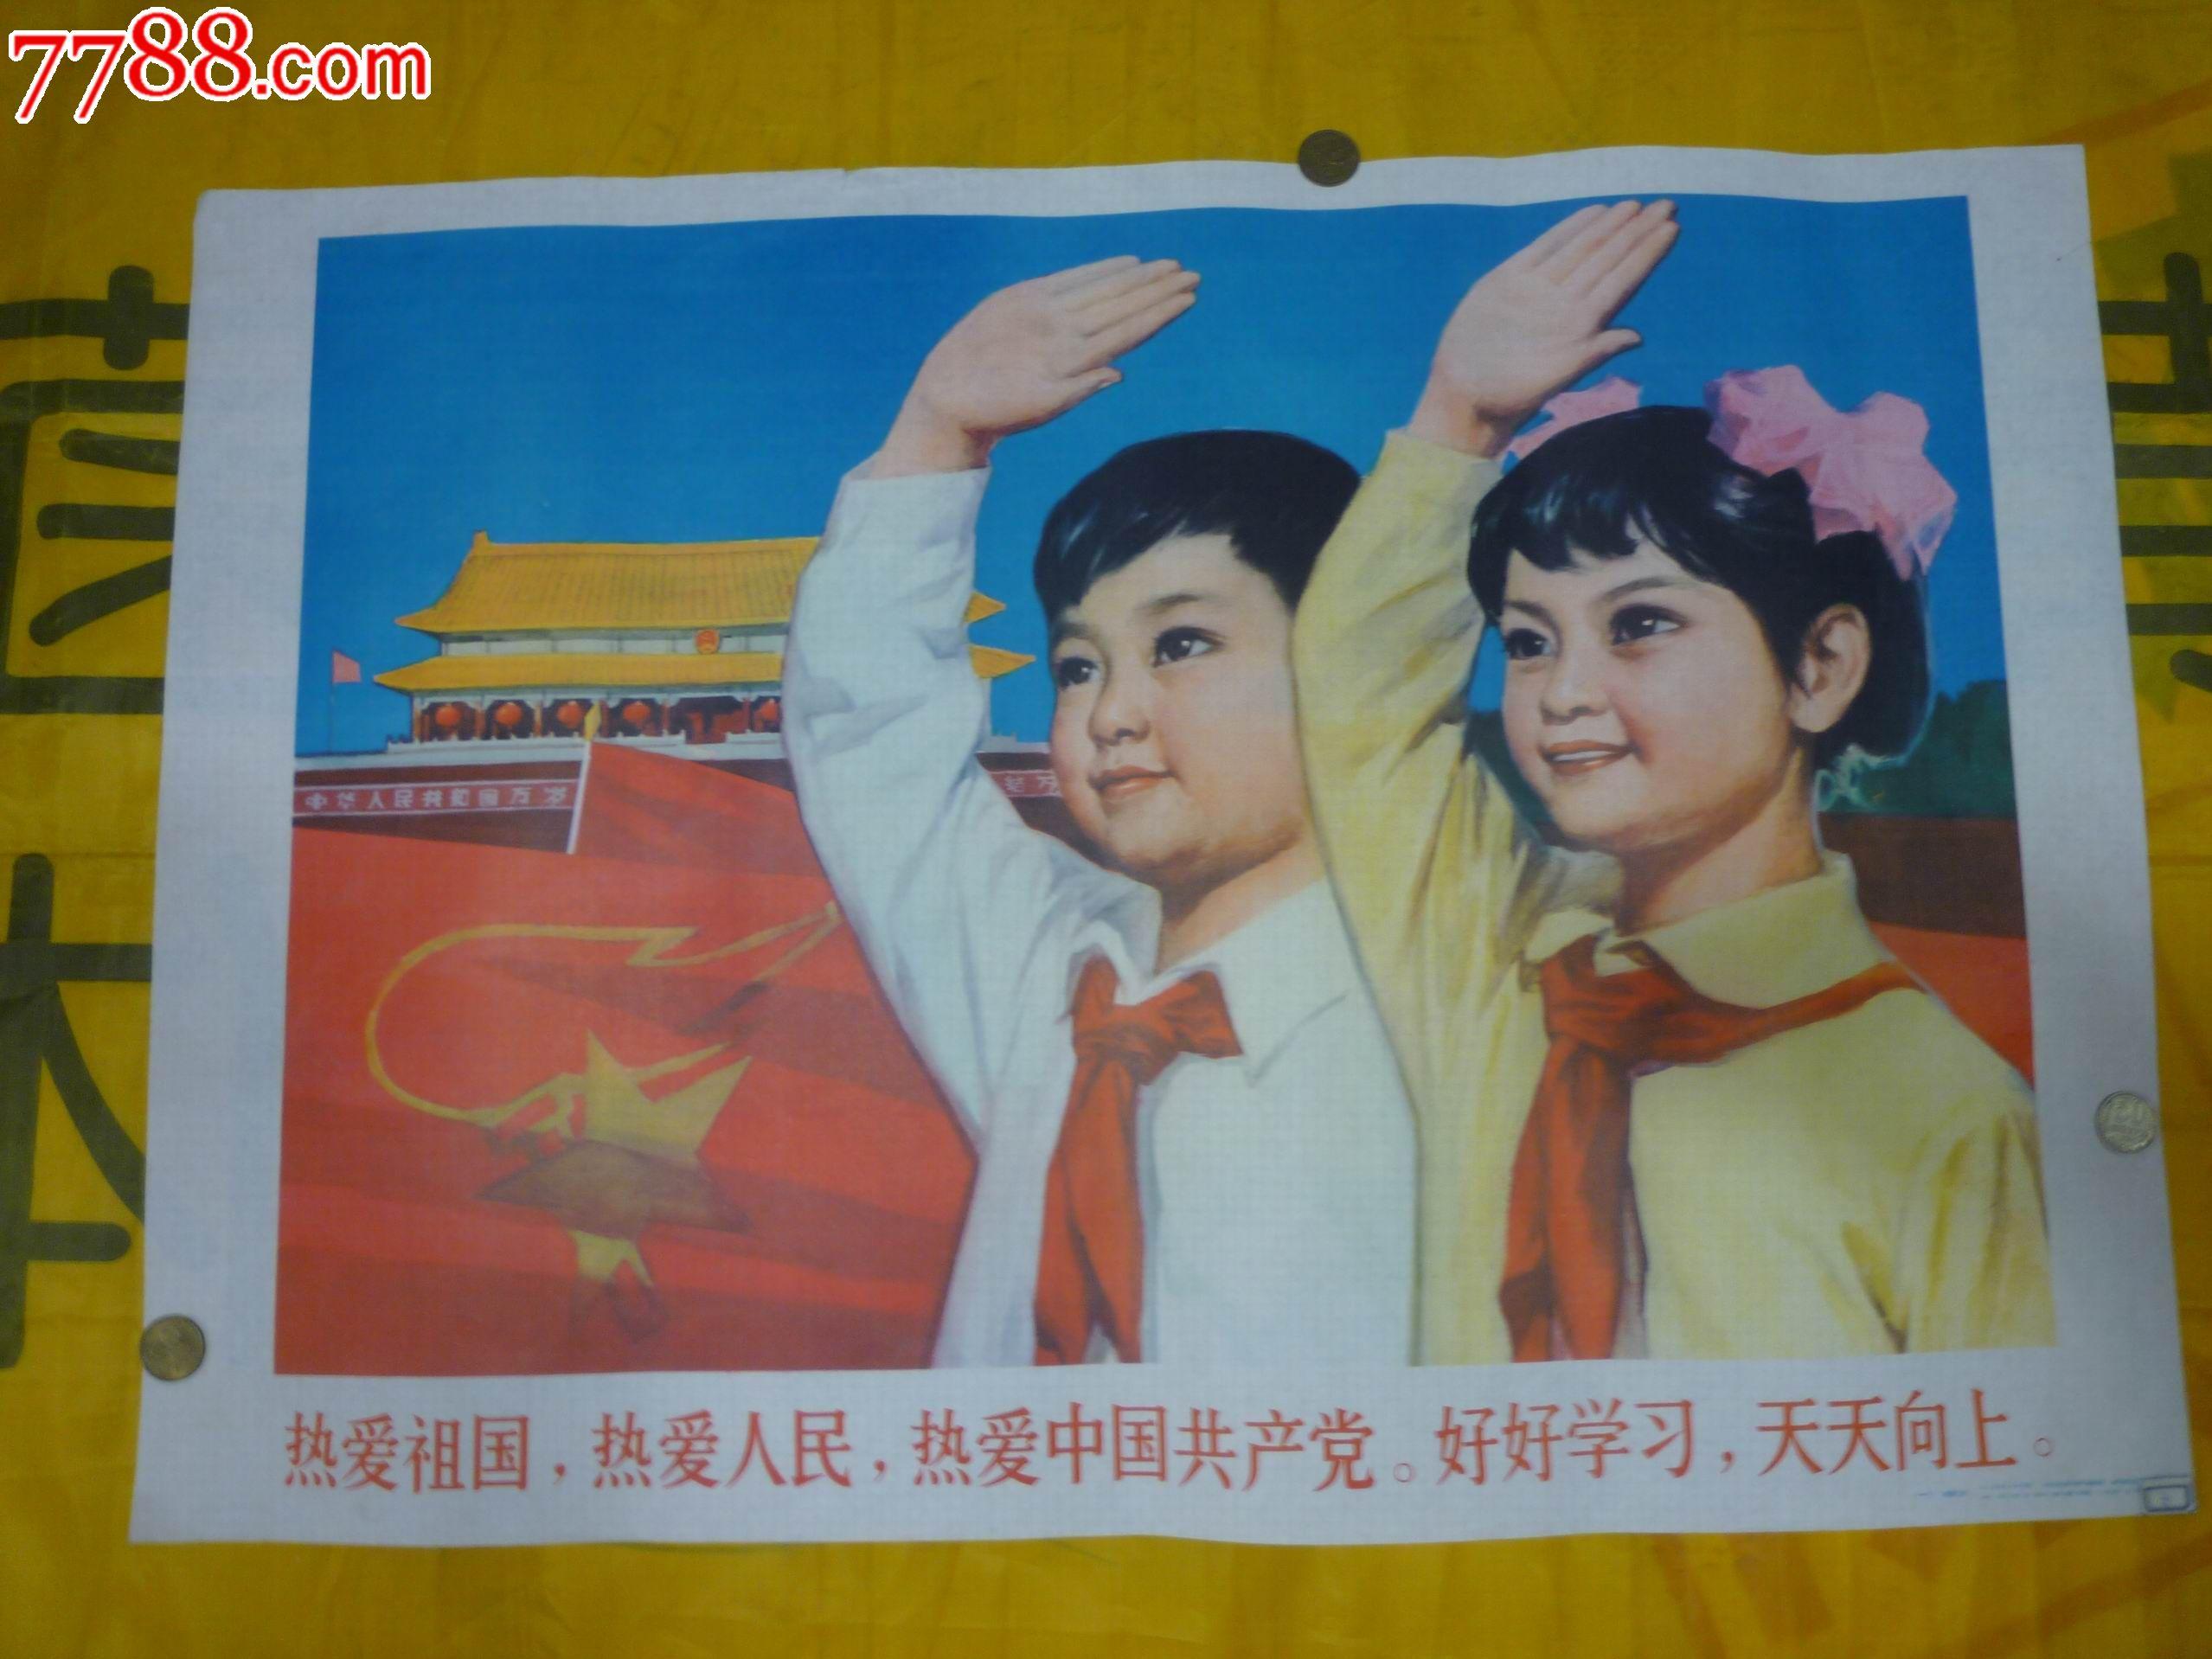 热爱祖国的�_热爱祖国,热爱人民,热爱中国共产党.好好学习,天天向上.